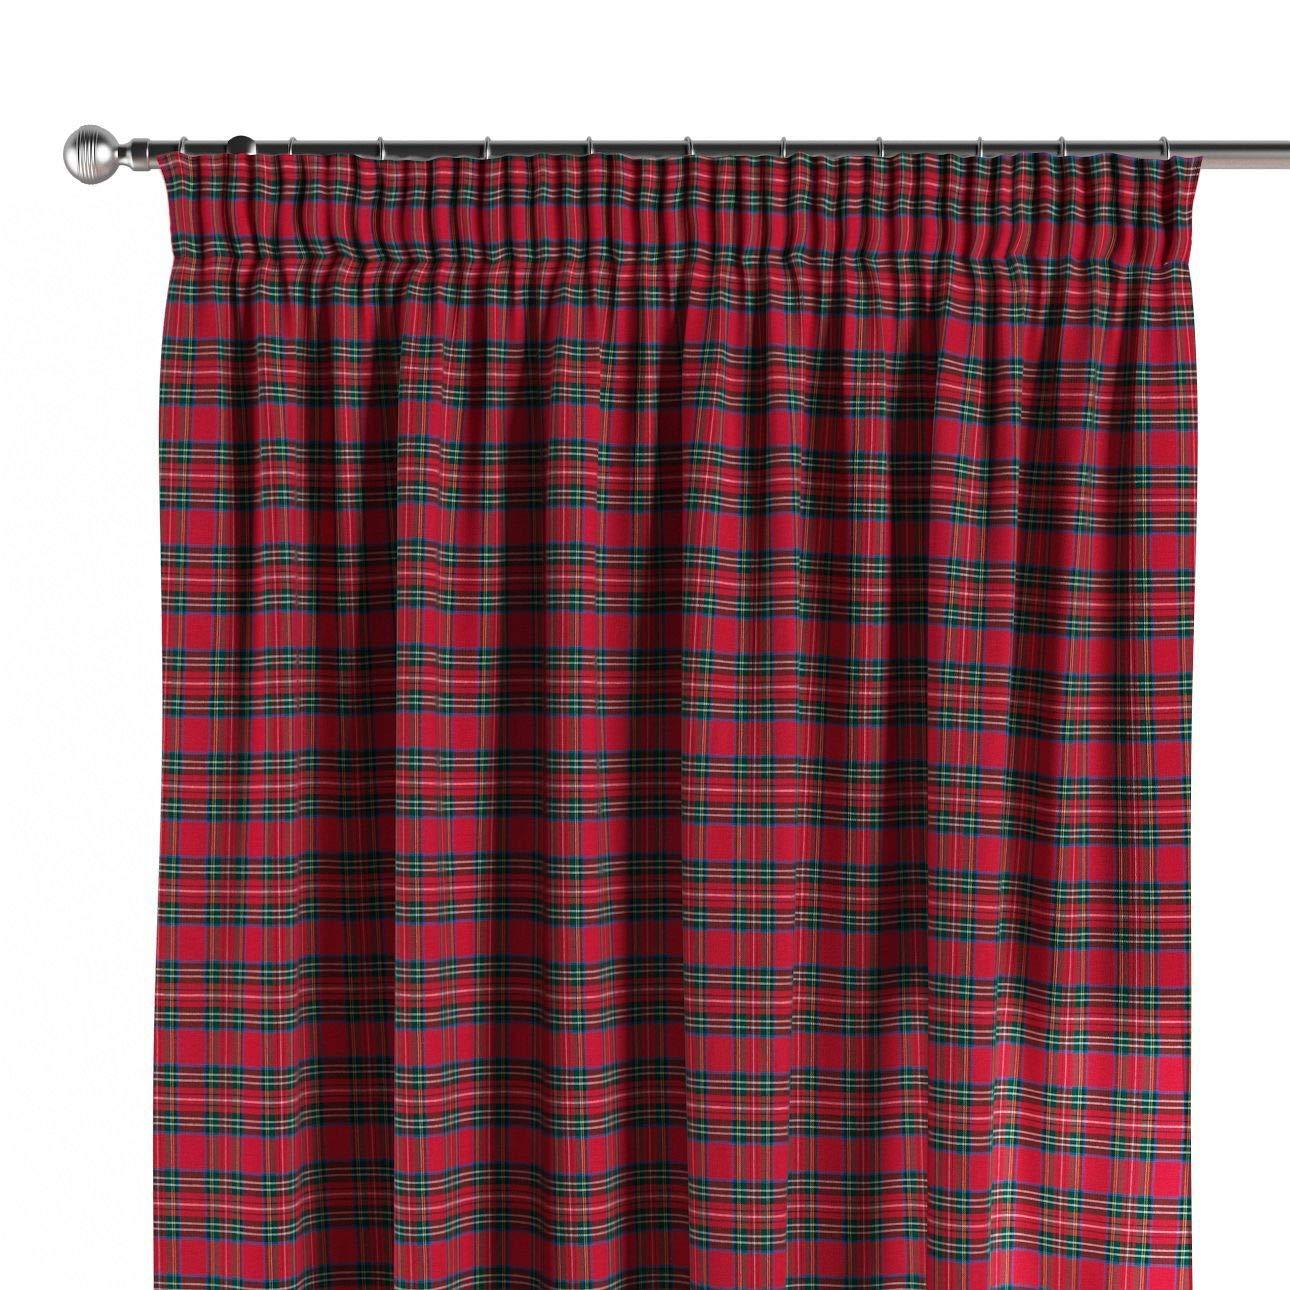 Dekoria Vorhang mit Kräuselband Dekoschal Blickdicht 1 Stck. 130 × 260 cm rot-grün Maßanfertigung möglich